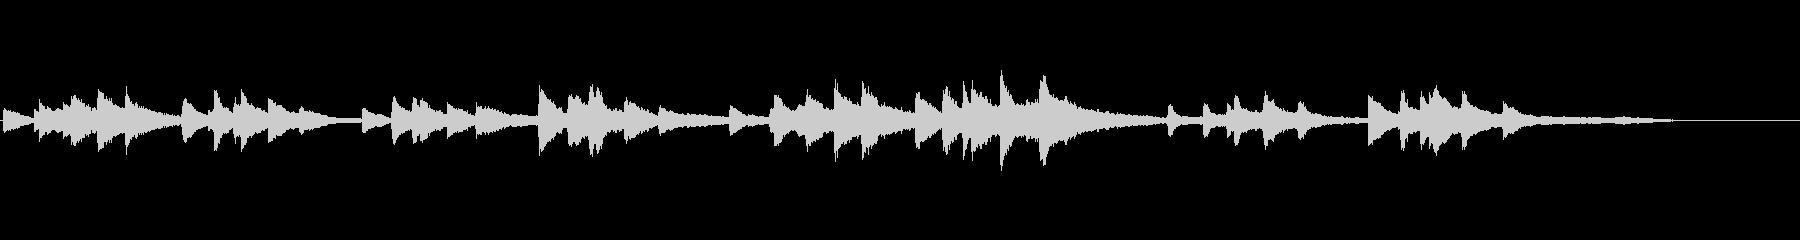 ショパン24の前奏曲第7番イ長調の未再生の波形